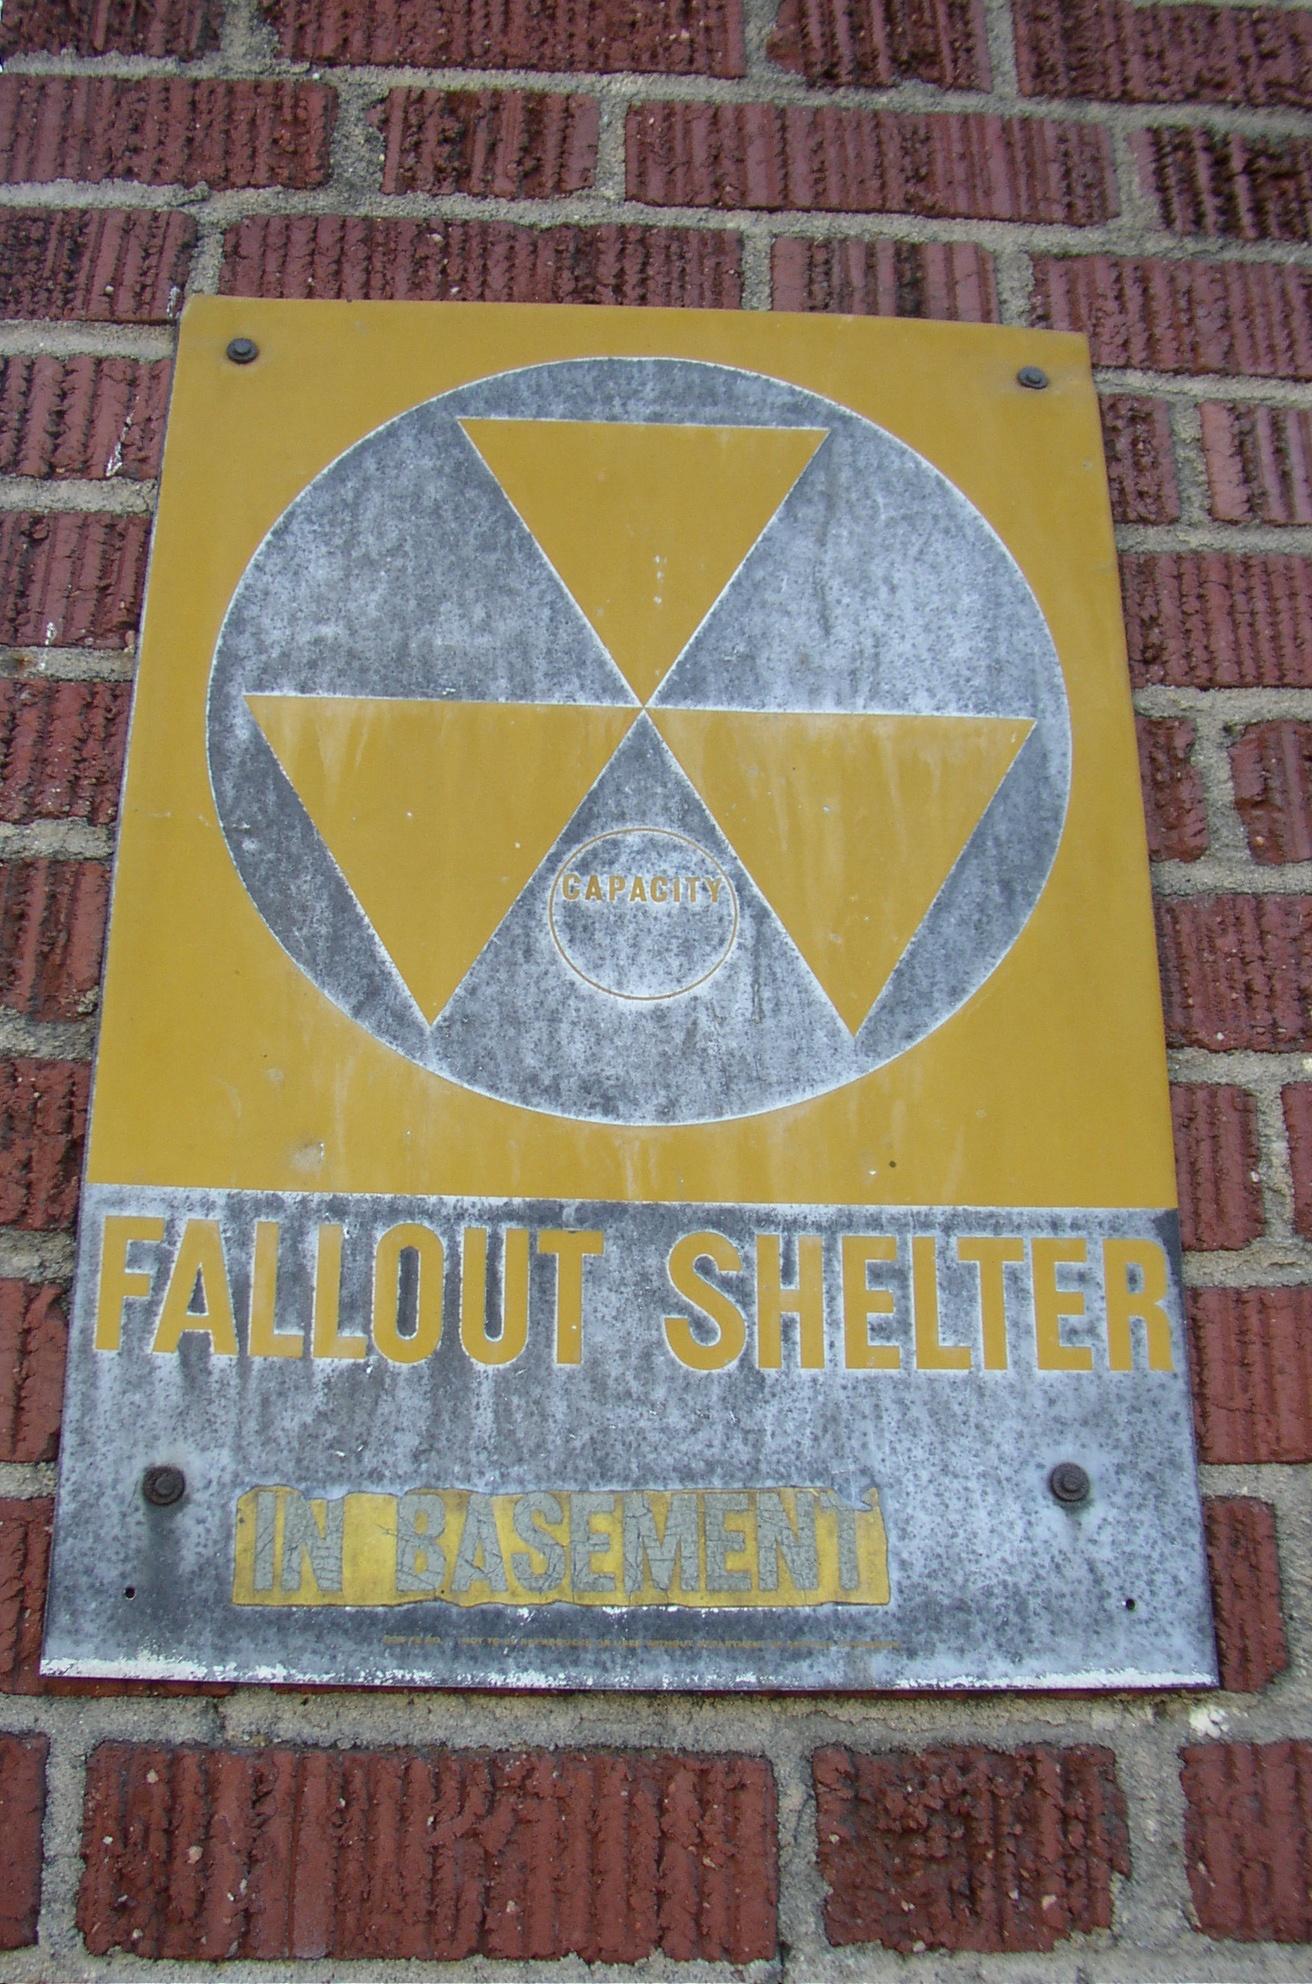 Fallout shelter - Wikiwand